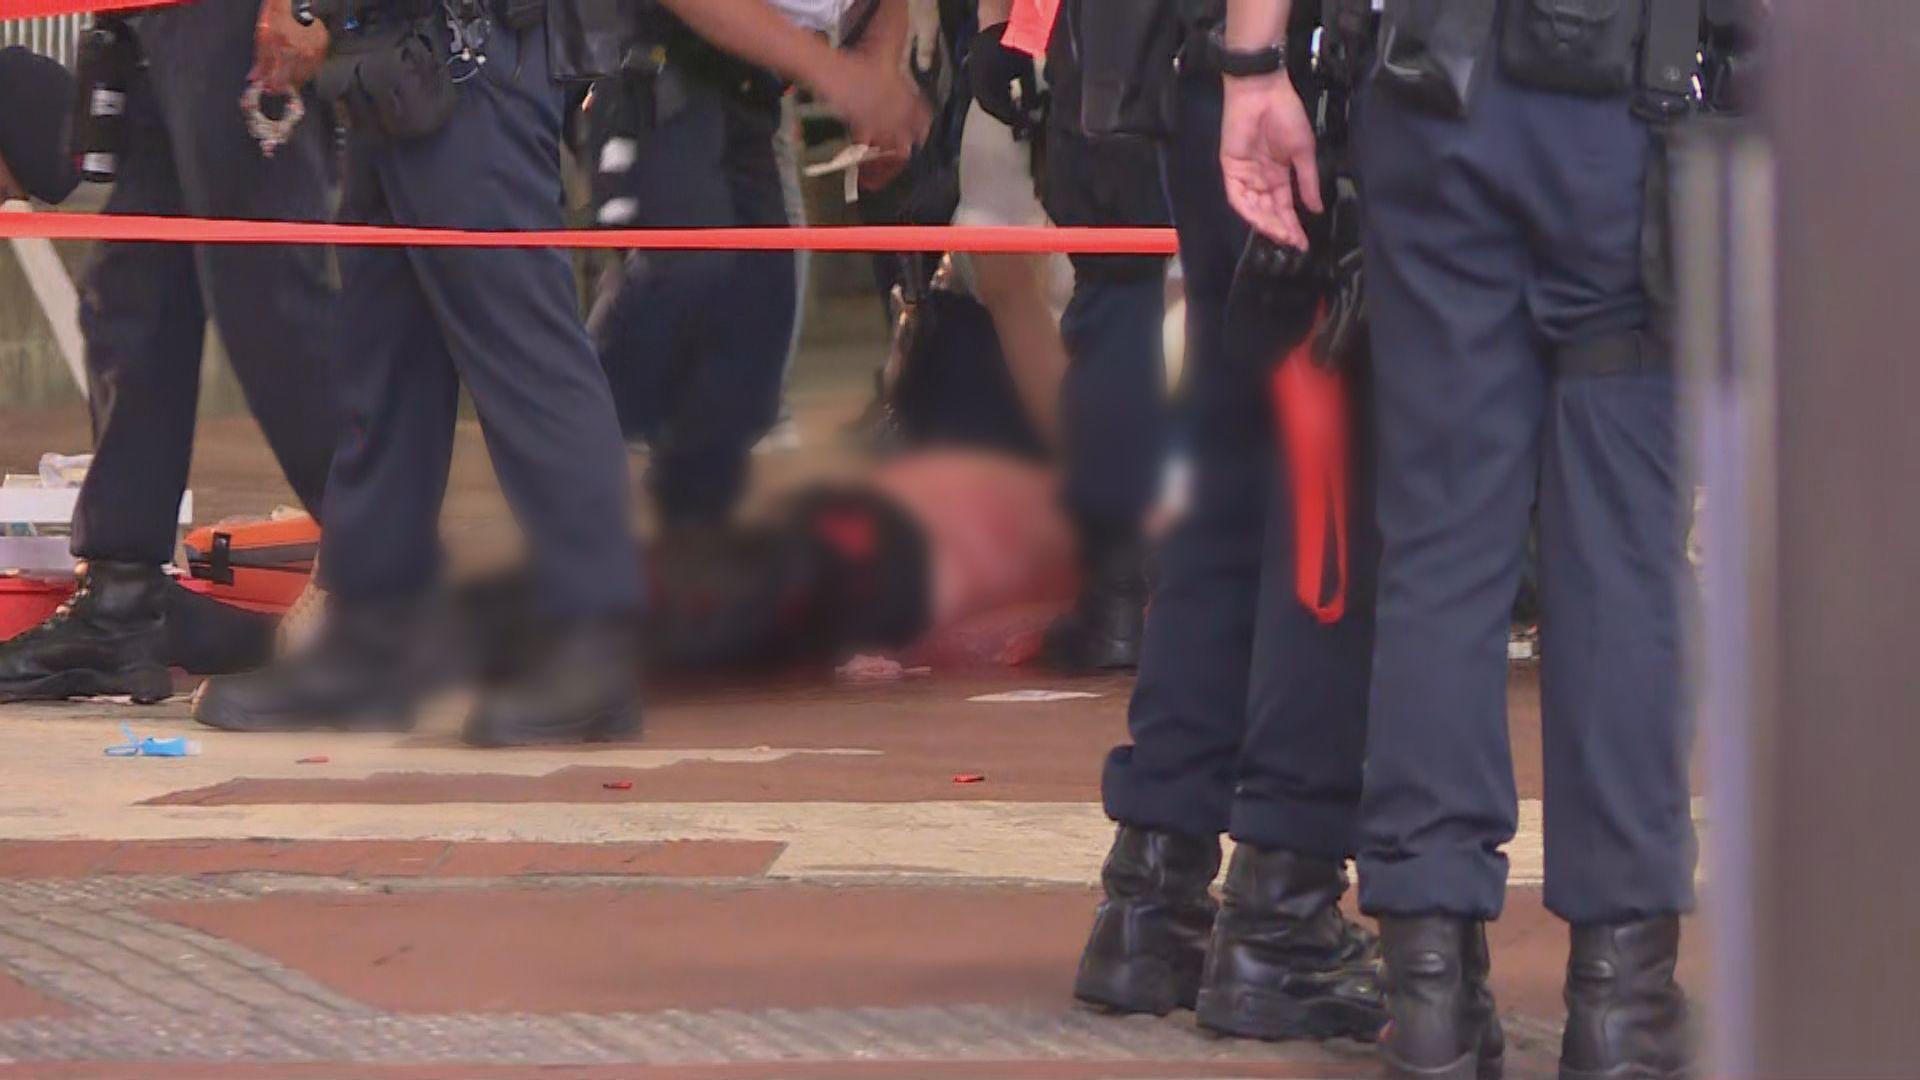 銅鑼灣警員遇襲案 消息:疑犯施襲前有部署亦留有遺書